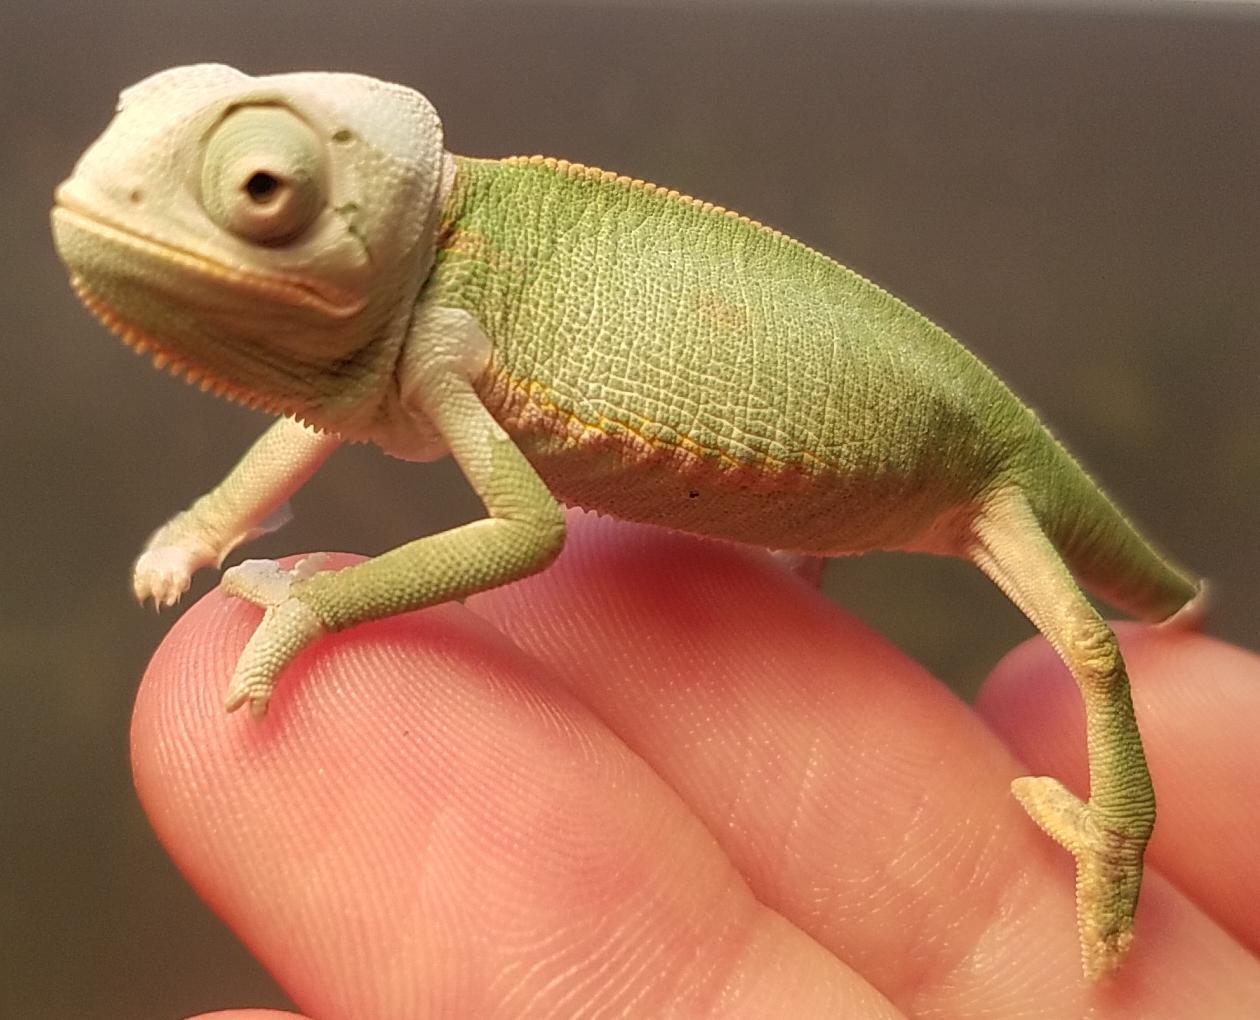 Chameleon baby #4 - A.jpg